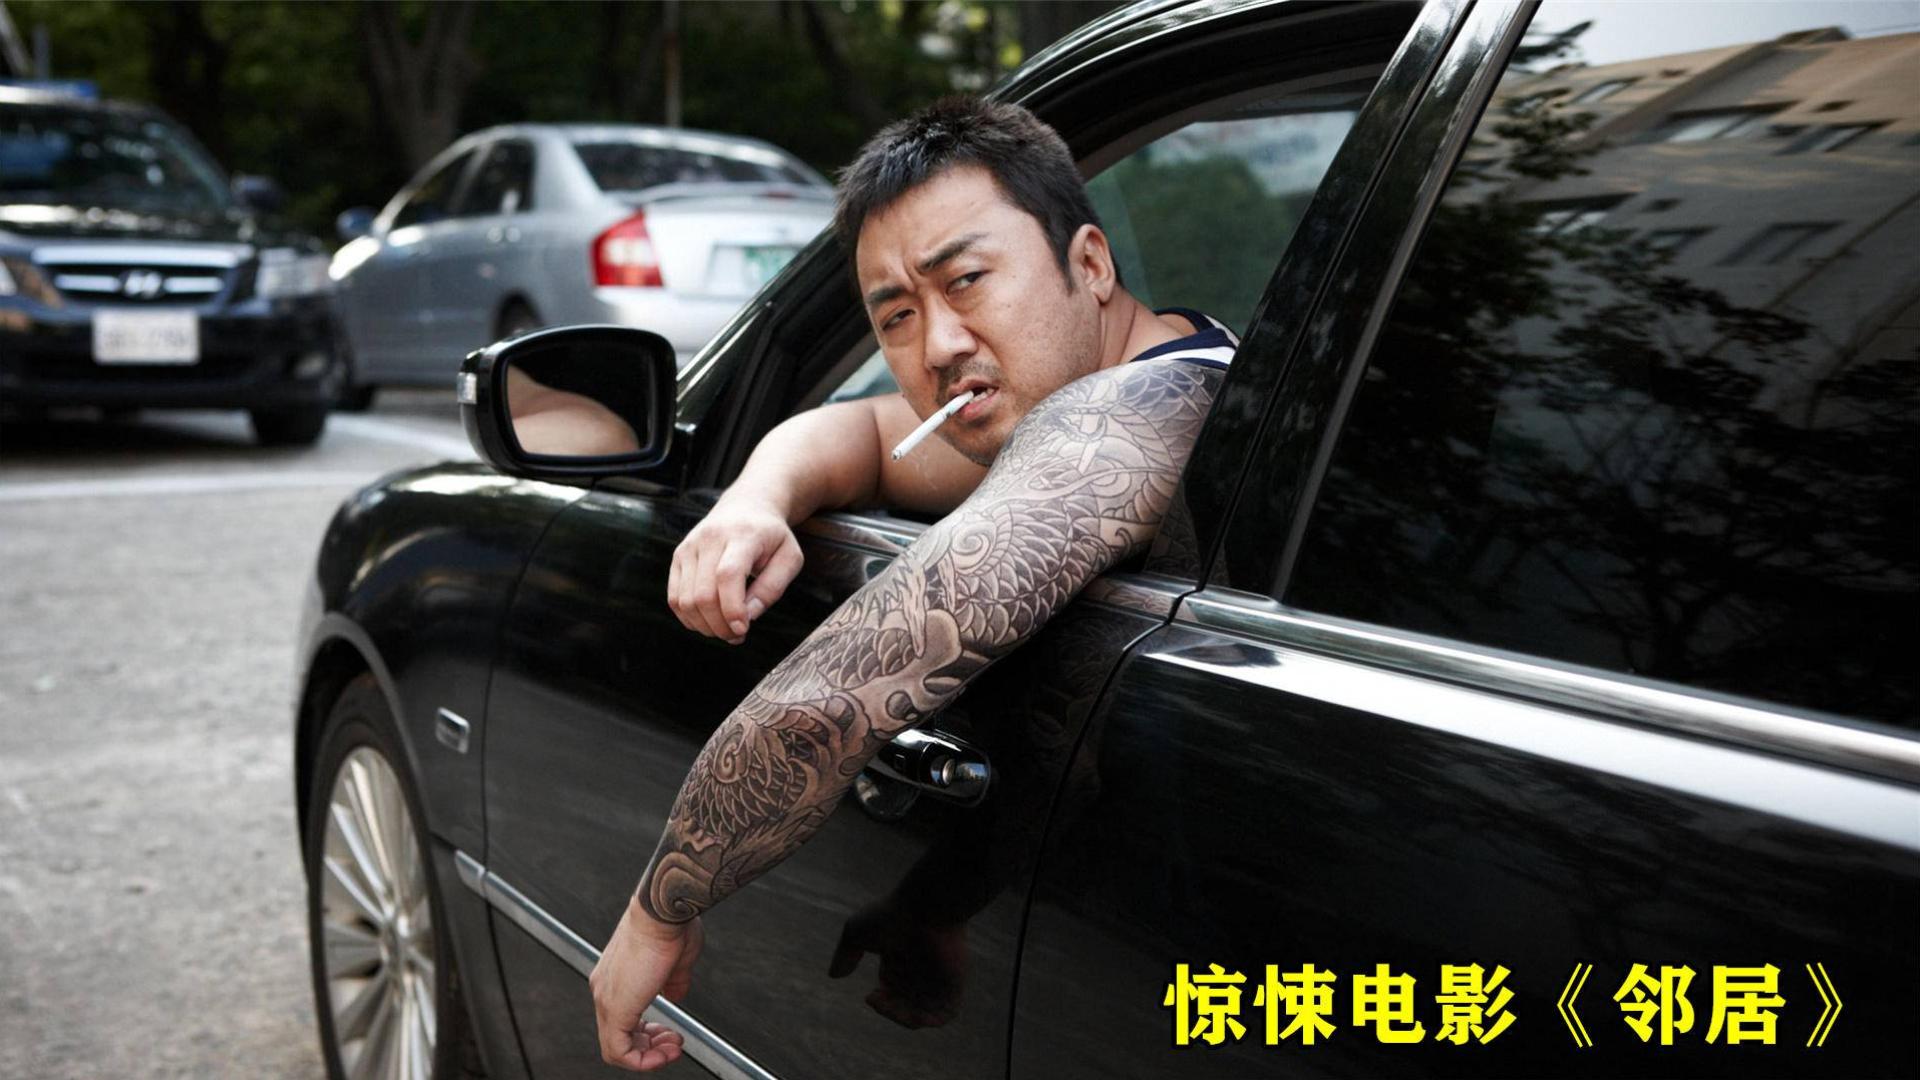 女孩上了邻居大叔的车,噩运就发生了!韩国惊悚片